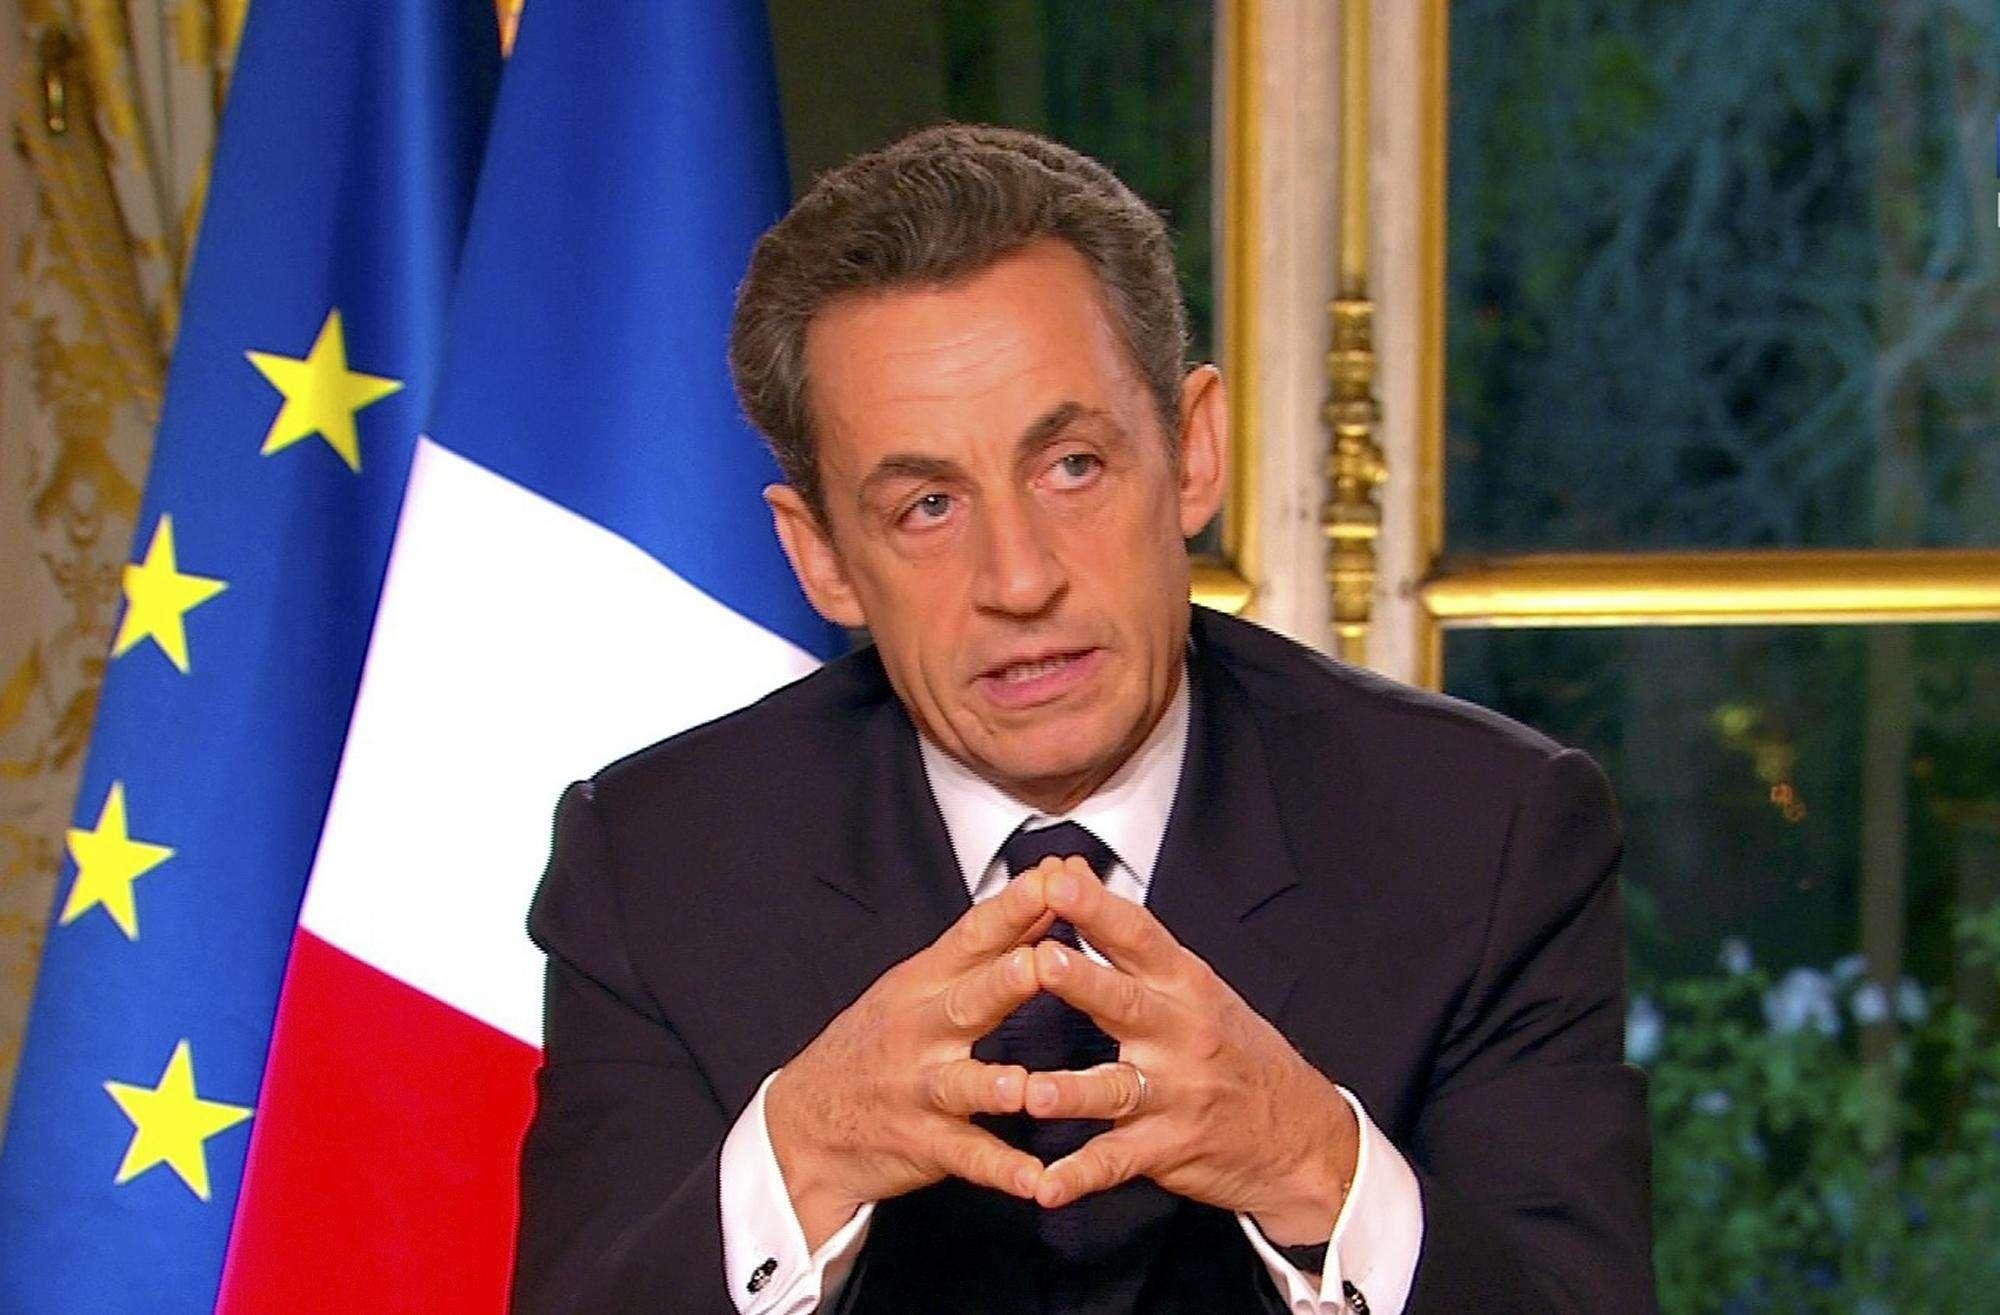 大快人心!法国前总统萨科齐将被判刑!罪名是发动利比亚战争